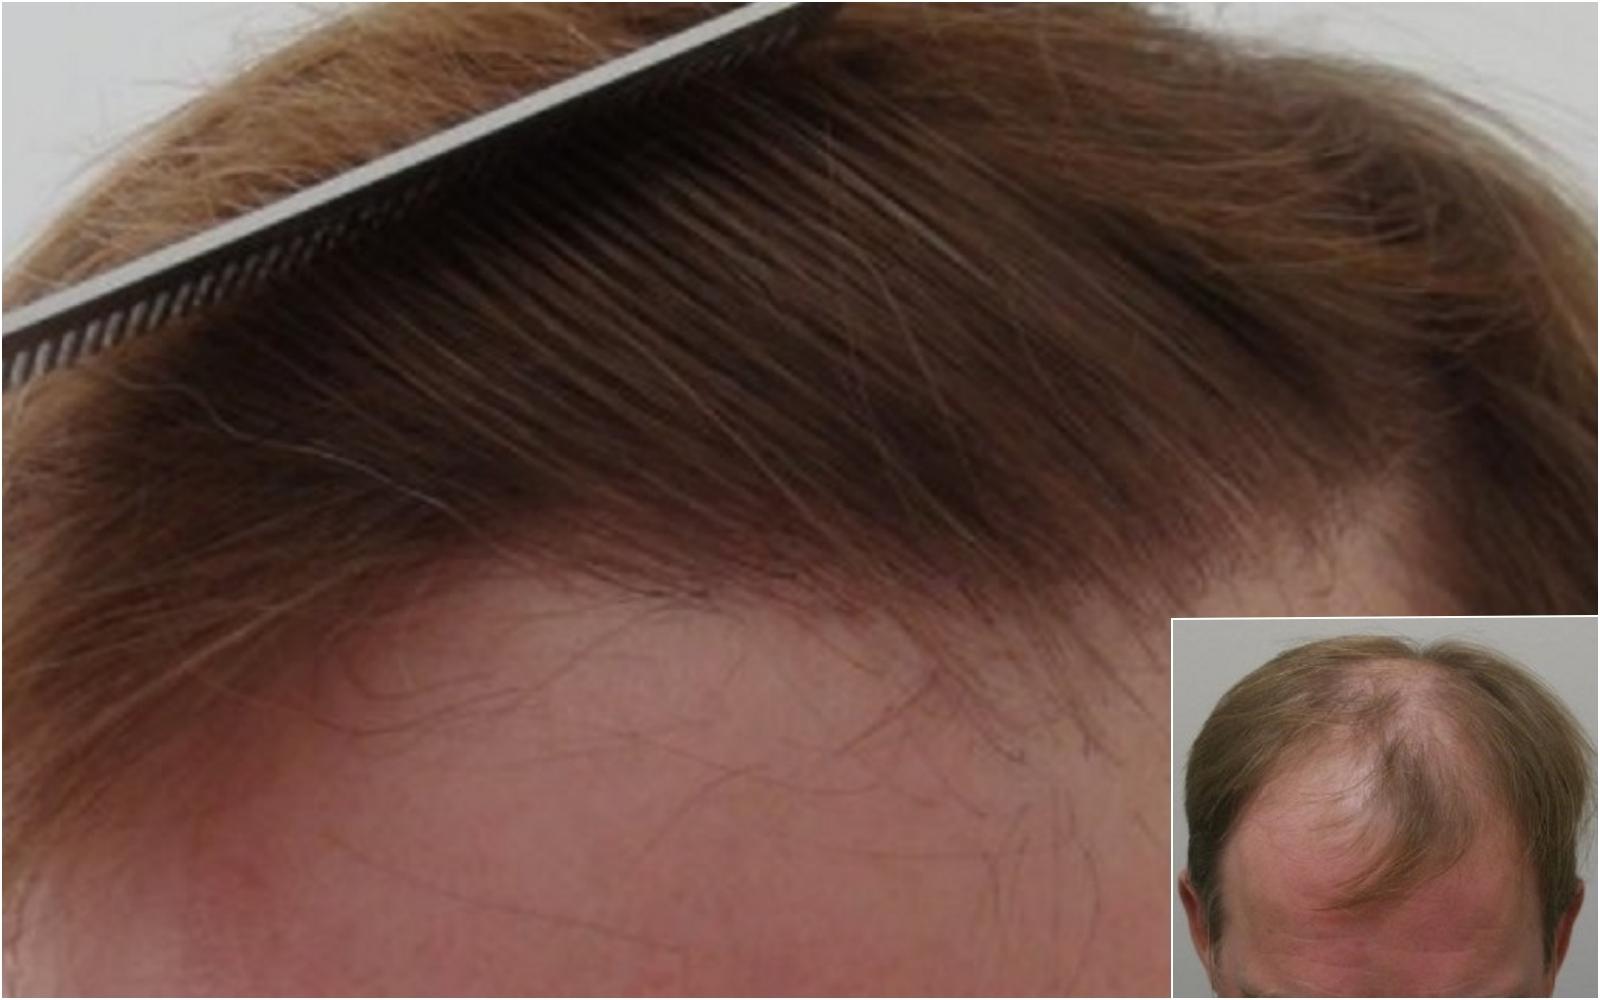 Hair transplant hairline brushed back